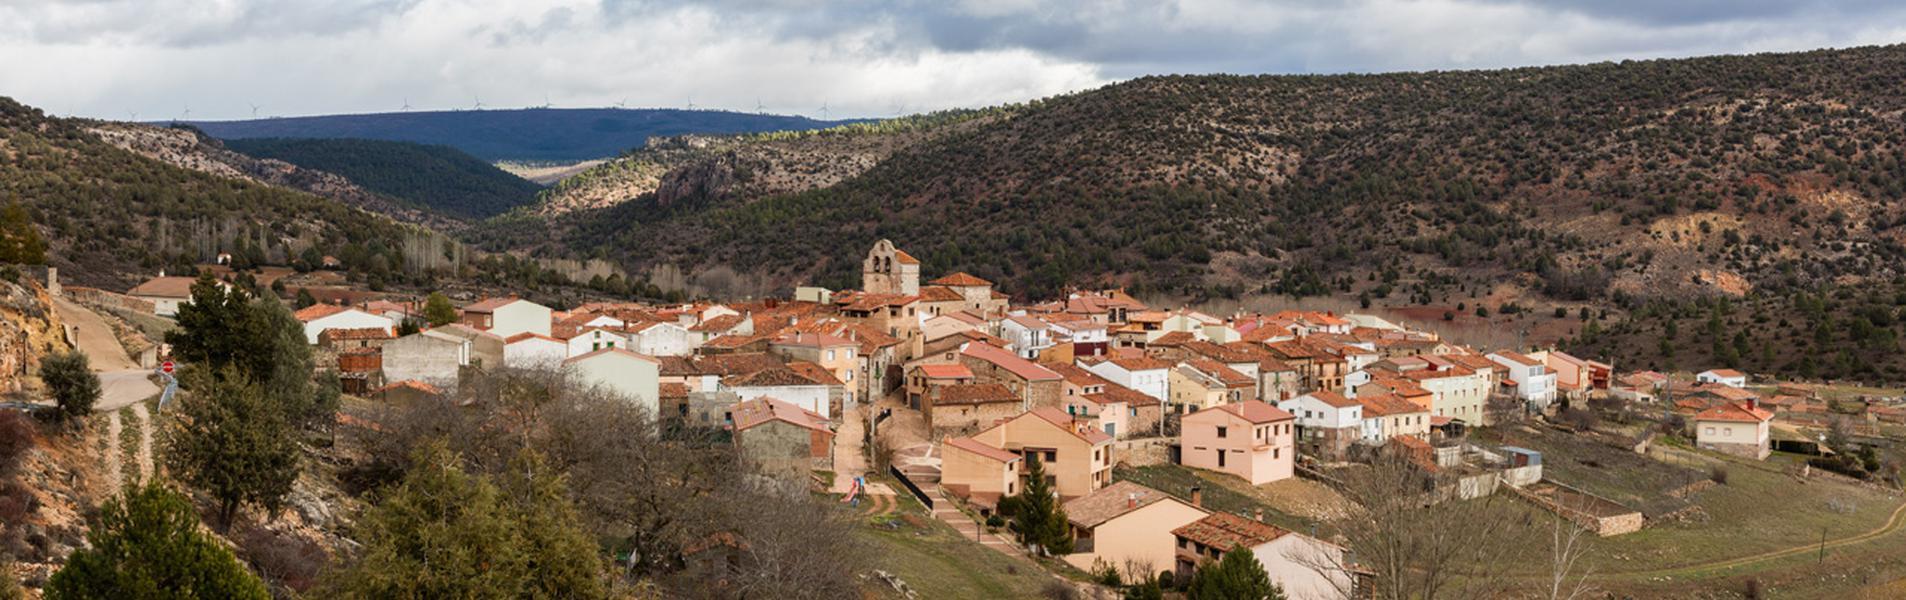 Ablanque